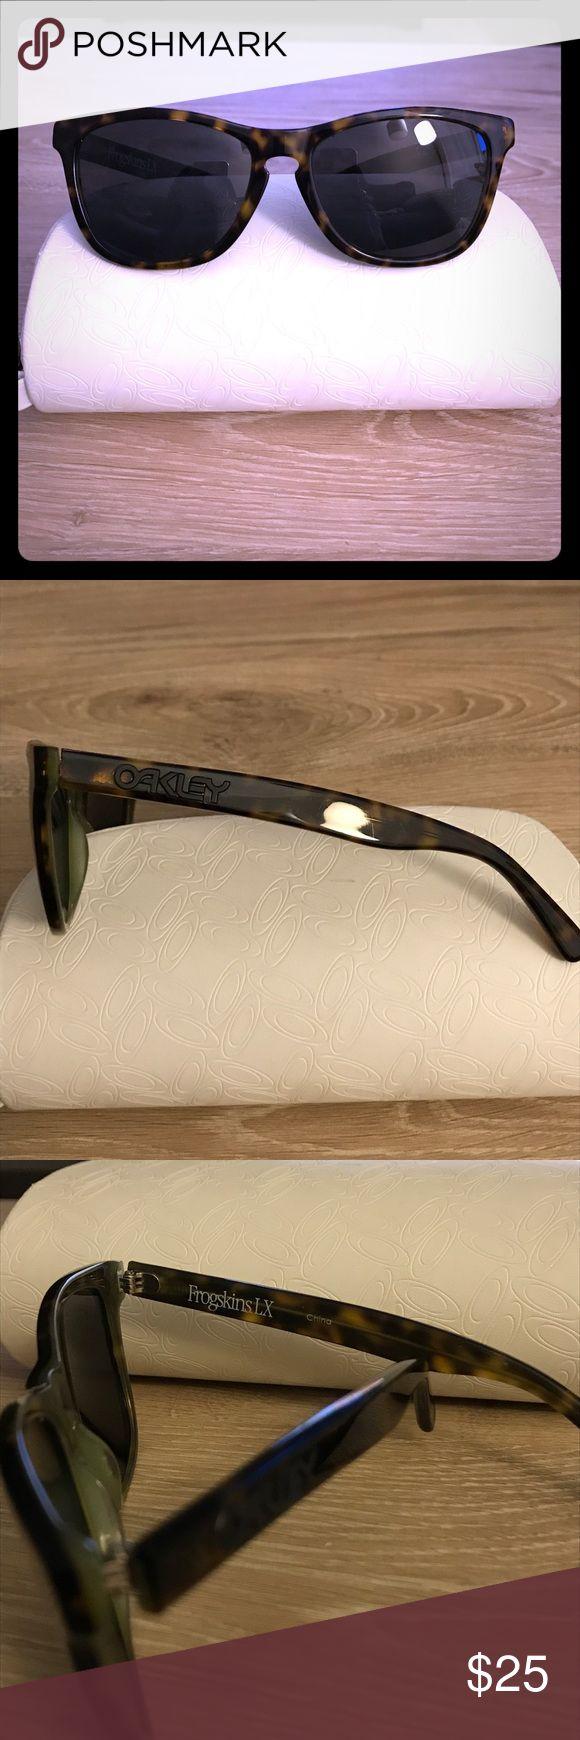 Oakley Frogskins LX Tortoise shell Oakley Frogskins LX sunglassses Oakley Accessories Sunglasses